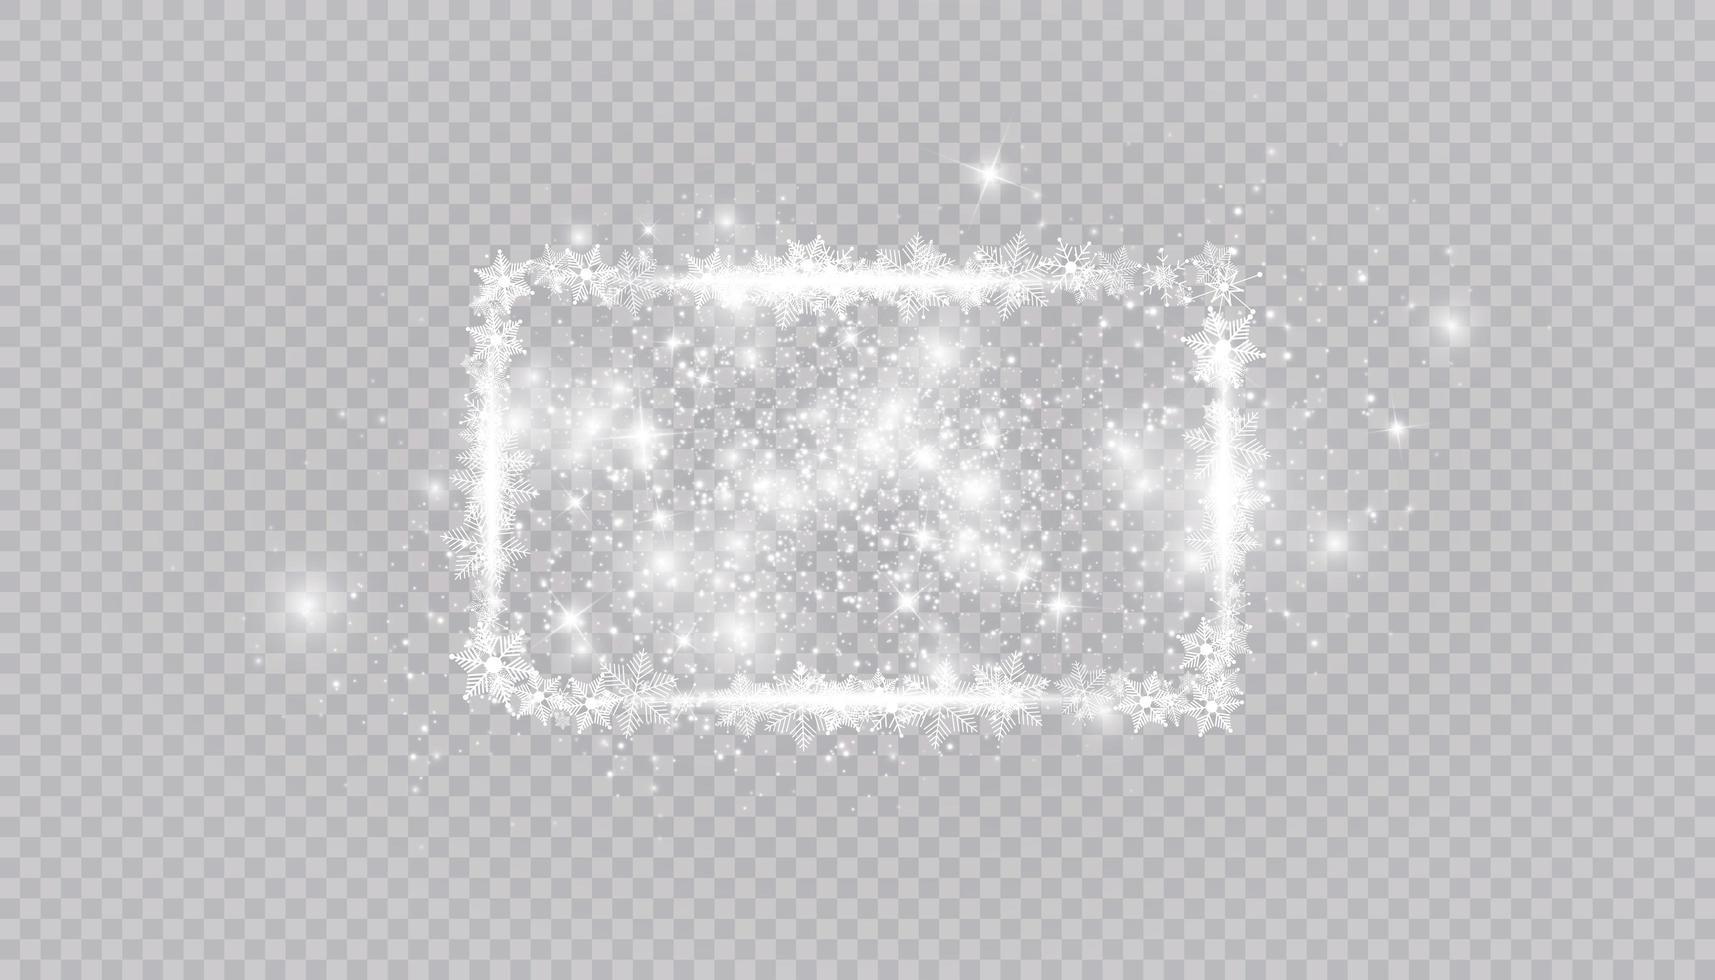 bordure de cadre de neige hiver rectangulaire avec étoiles, étincelles et flocons de neige vecteur